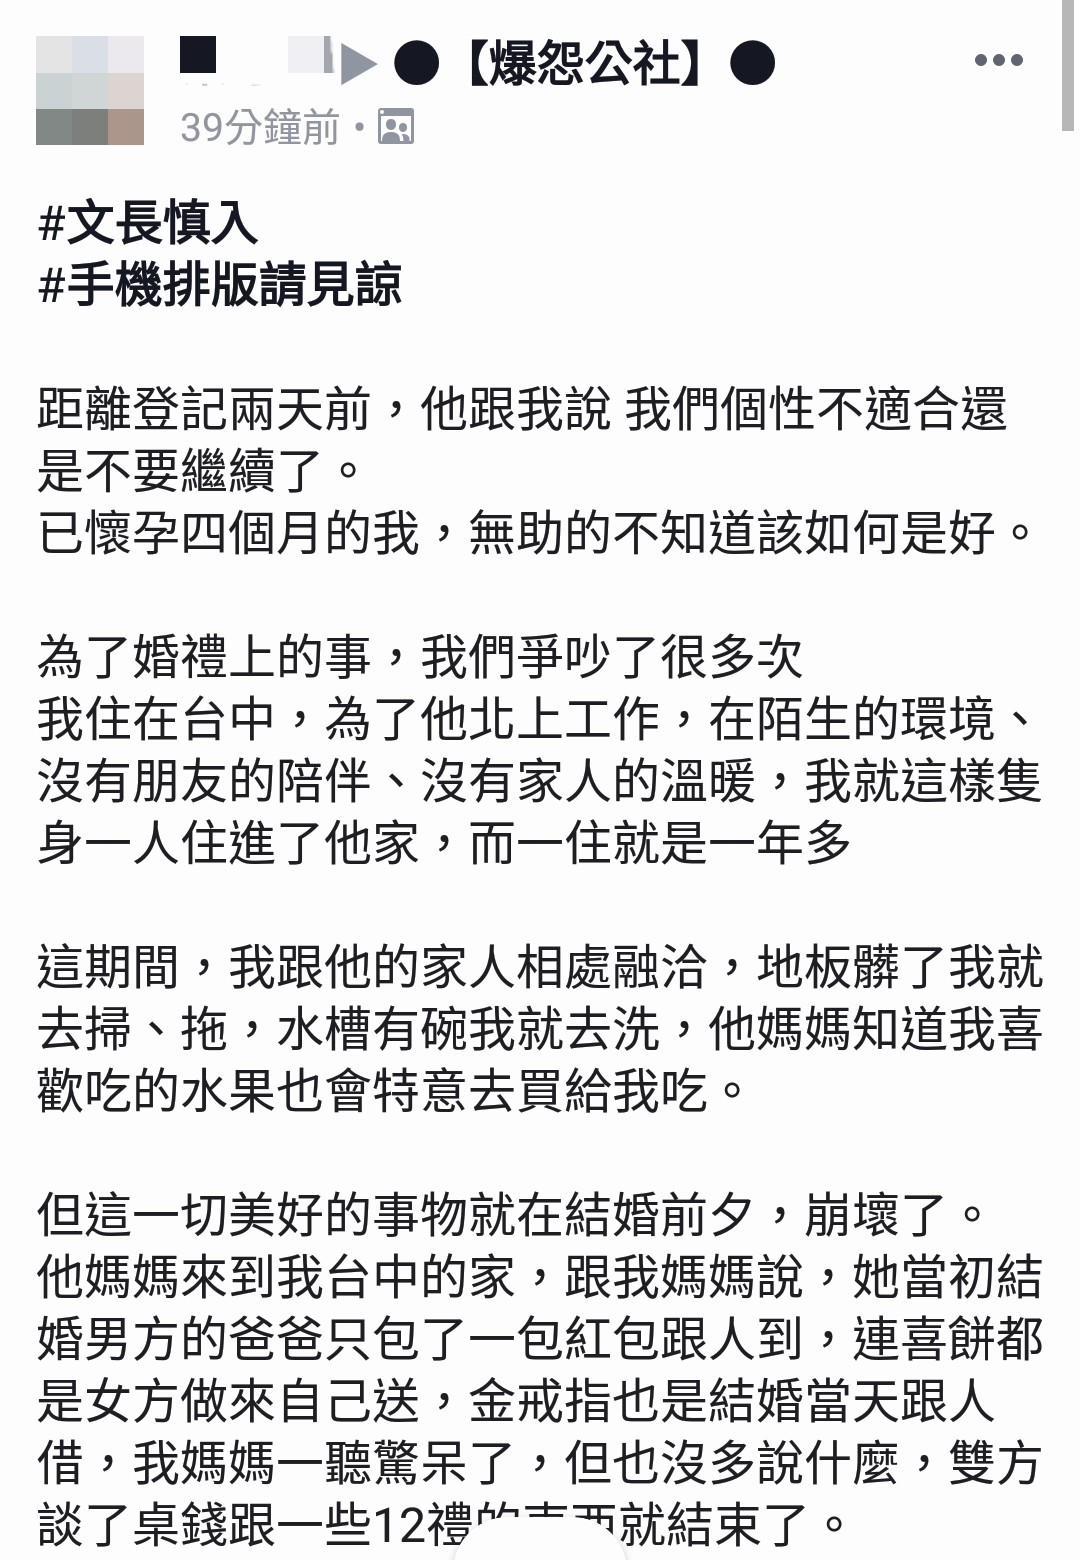 網友在臉書社團抱怨男友行徑。(圖/翻攝自 爆怨公社 臉書)